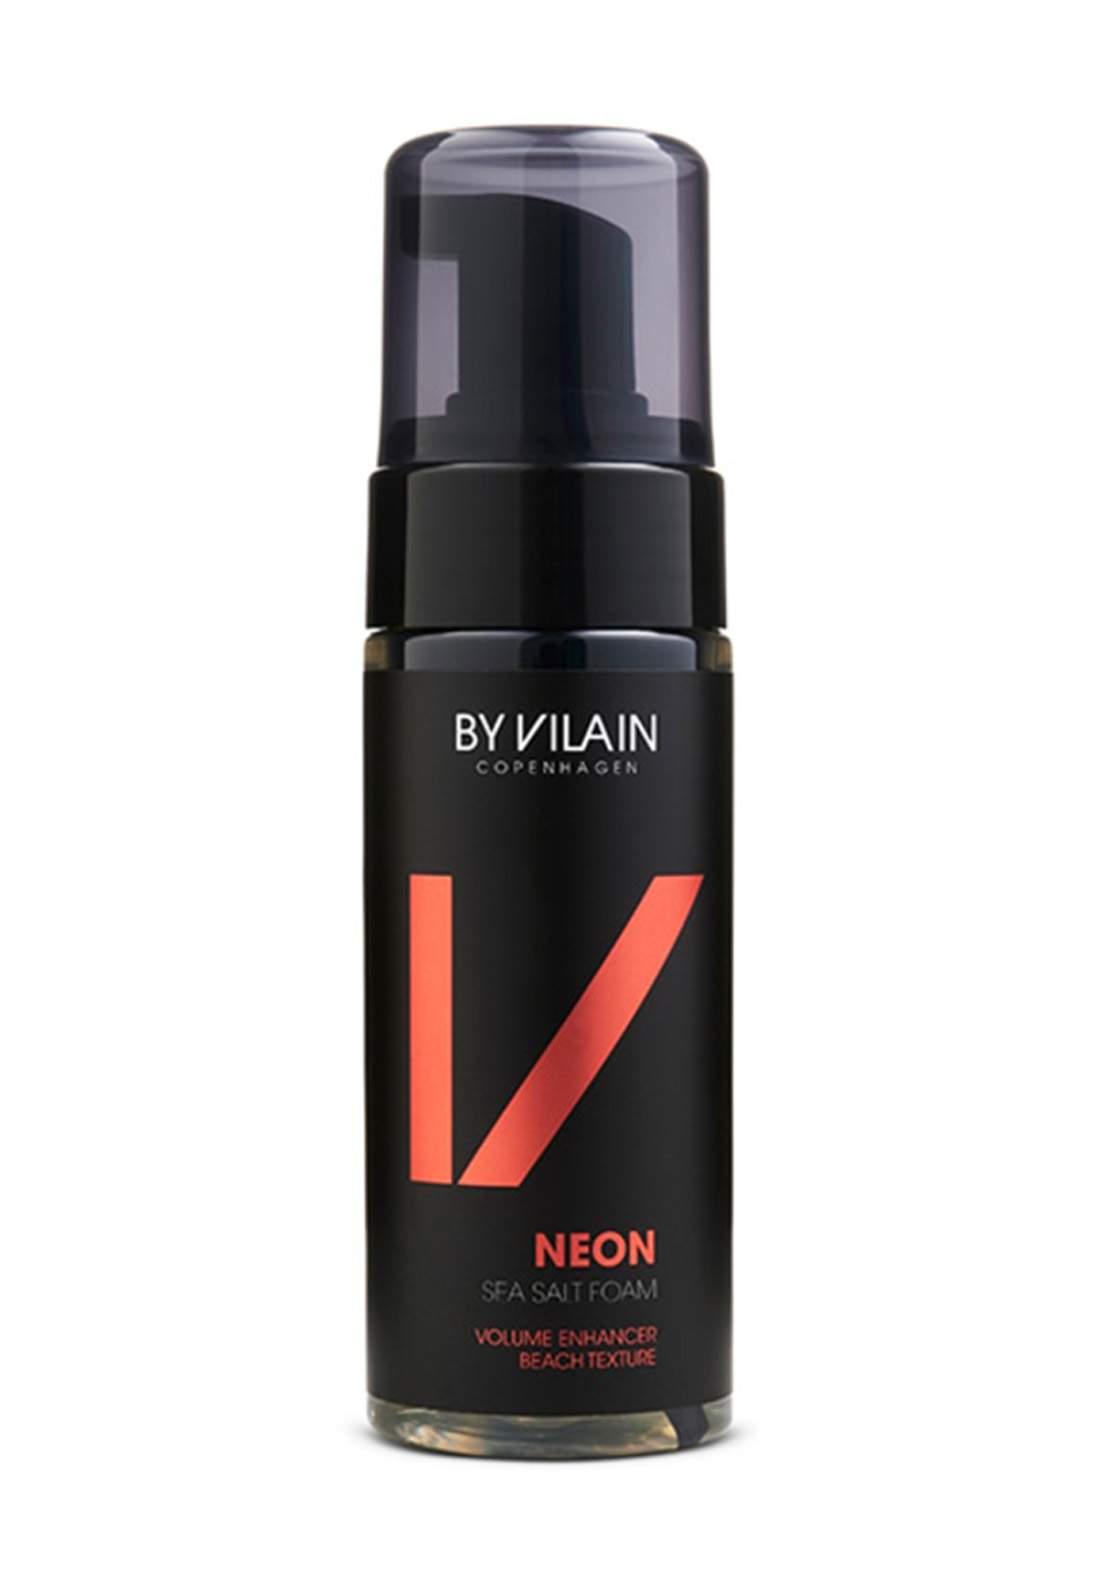 BY VILAIN Neon Sea Salt Foam 150 ML رغوة تصفيف الشعر